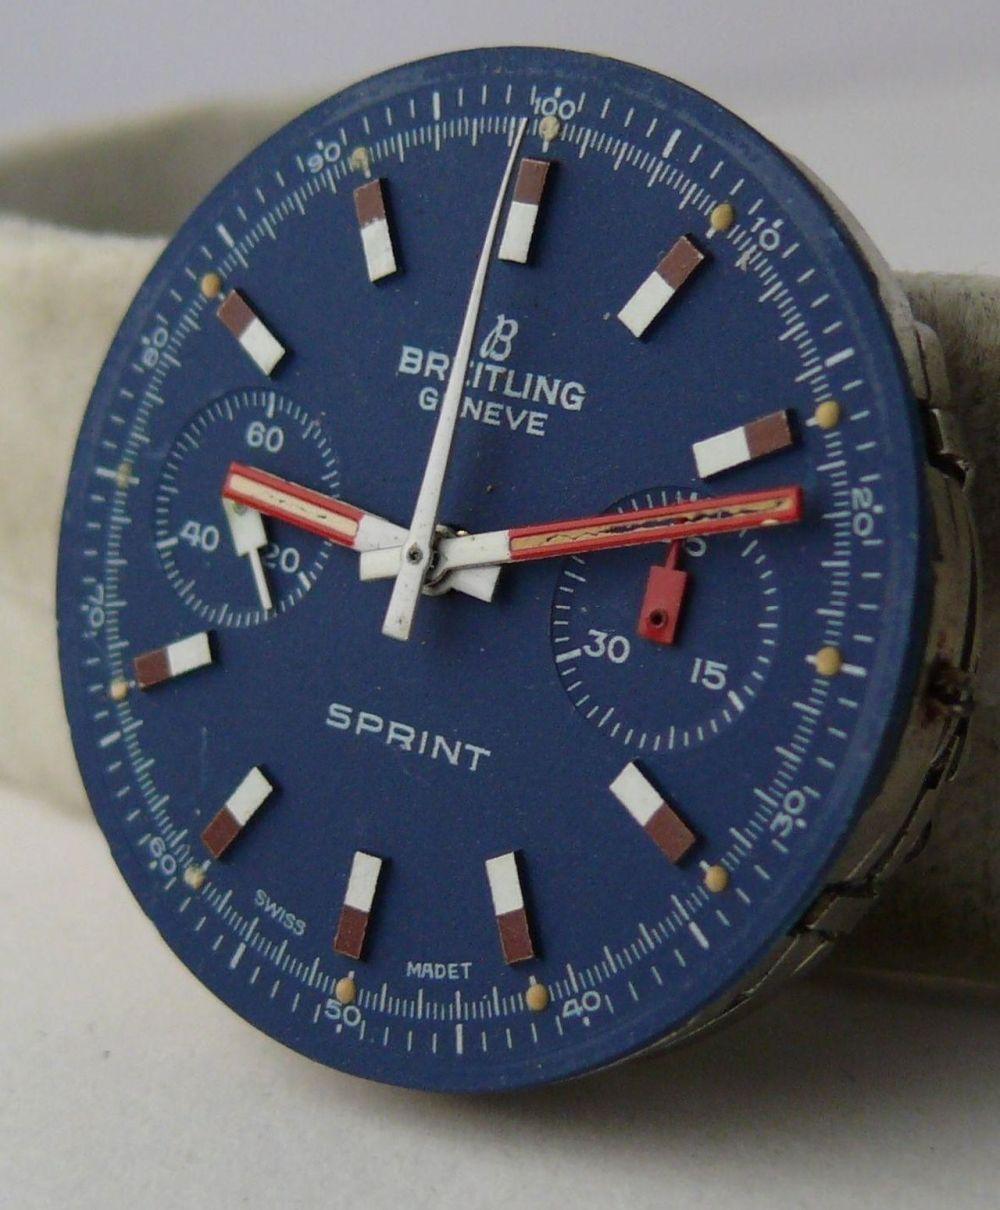 Vintage Breitling Sprint Chronograph Movement & Dial Valjoux 7733 unit.